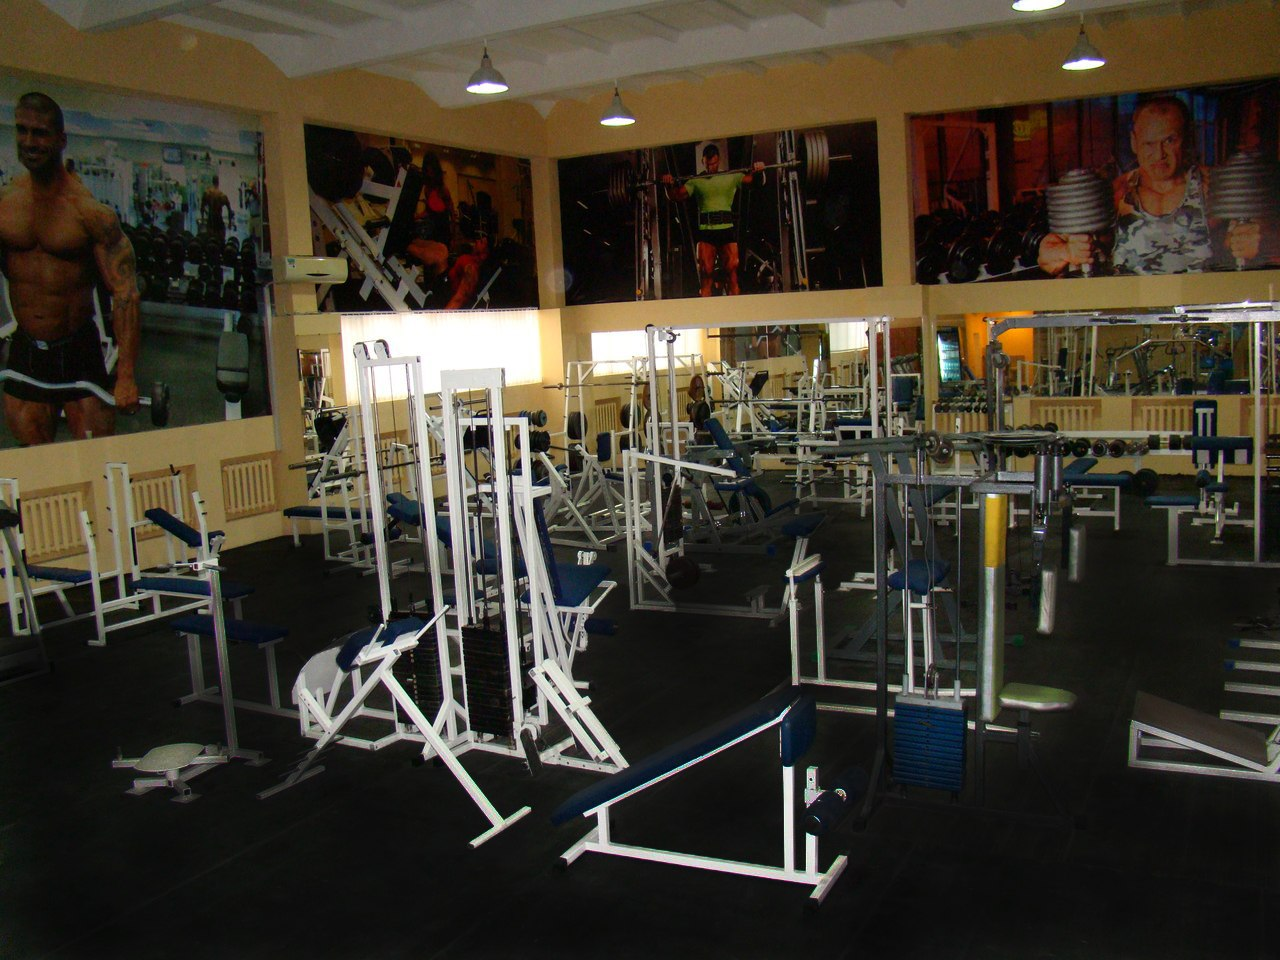 Сеть спортклубов «Фитнес-сити»